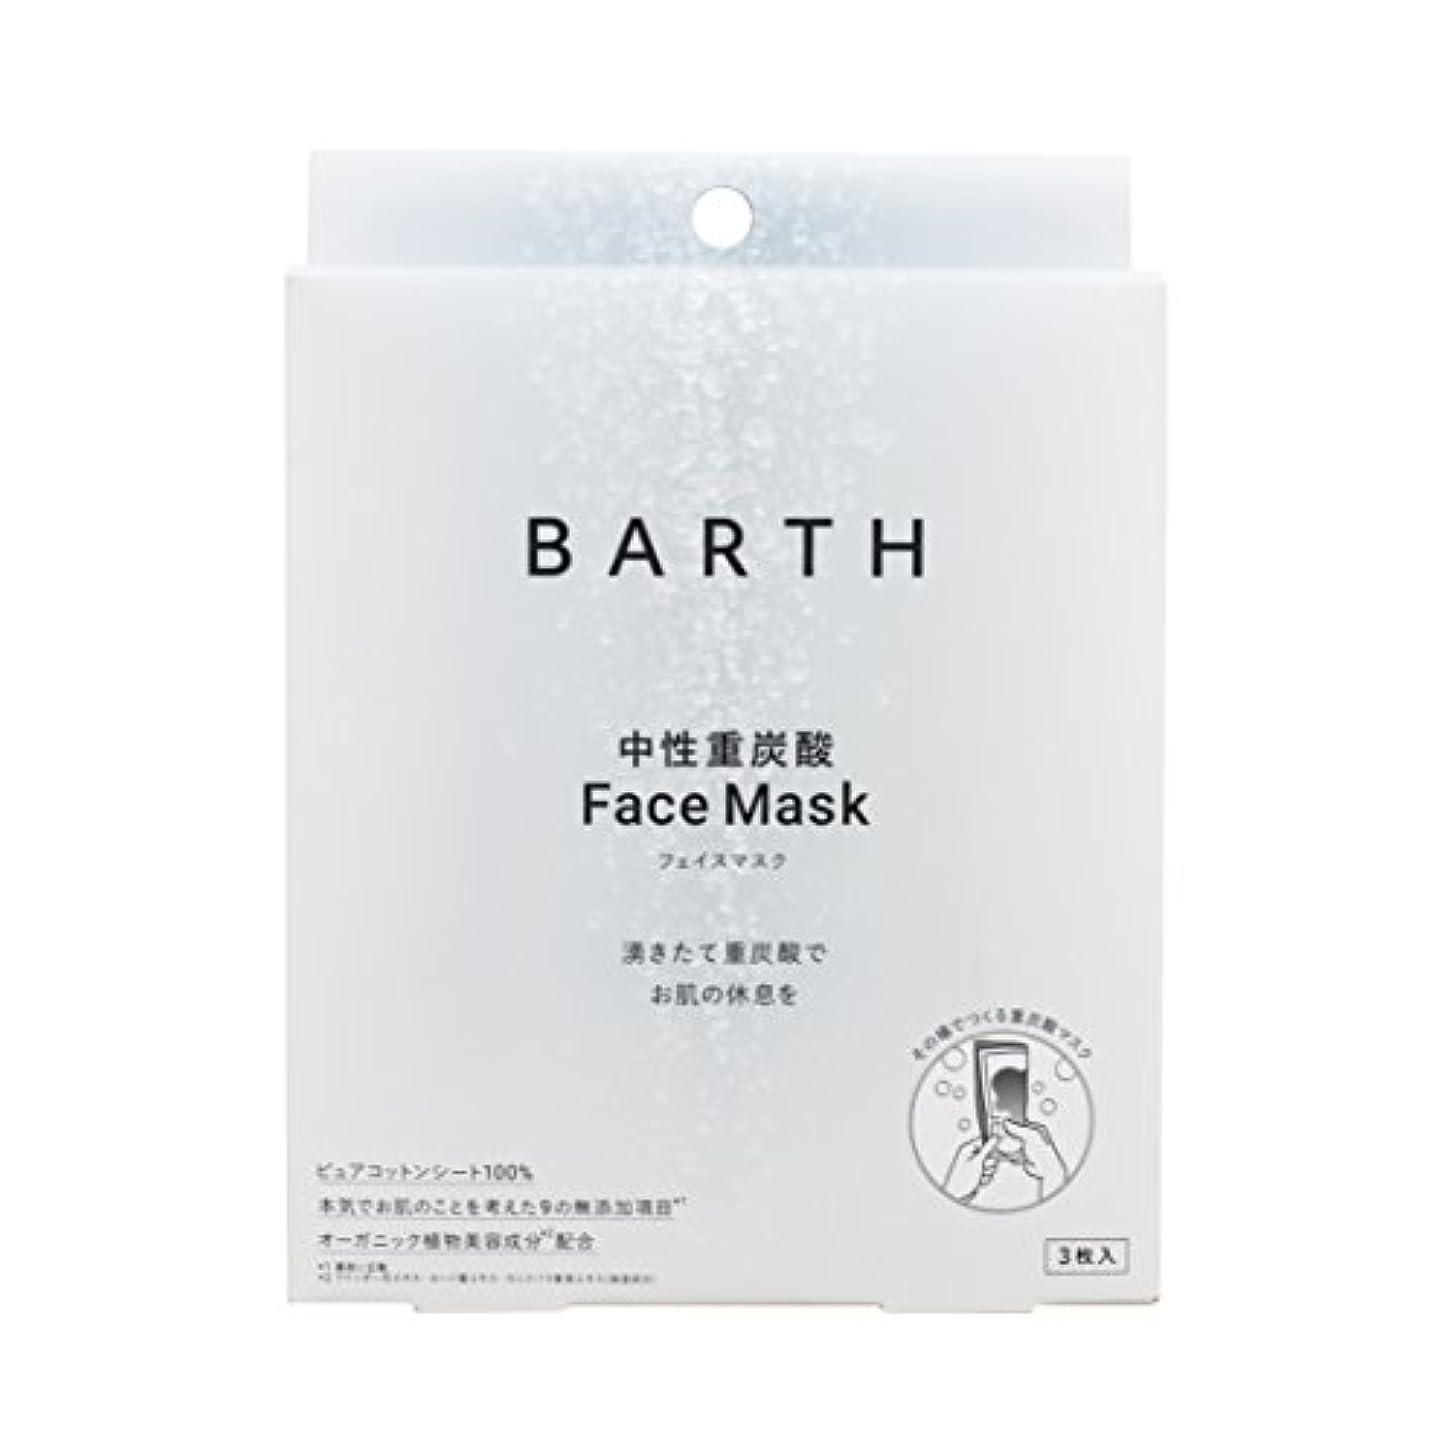 灰積分机BARTH【バース】 中性 重炭酸 フェイスマスク (無添加 日本製 ピュアコットン 100% オーガニック植物美容成分3種入り) (3包入り)